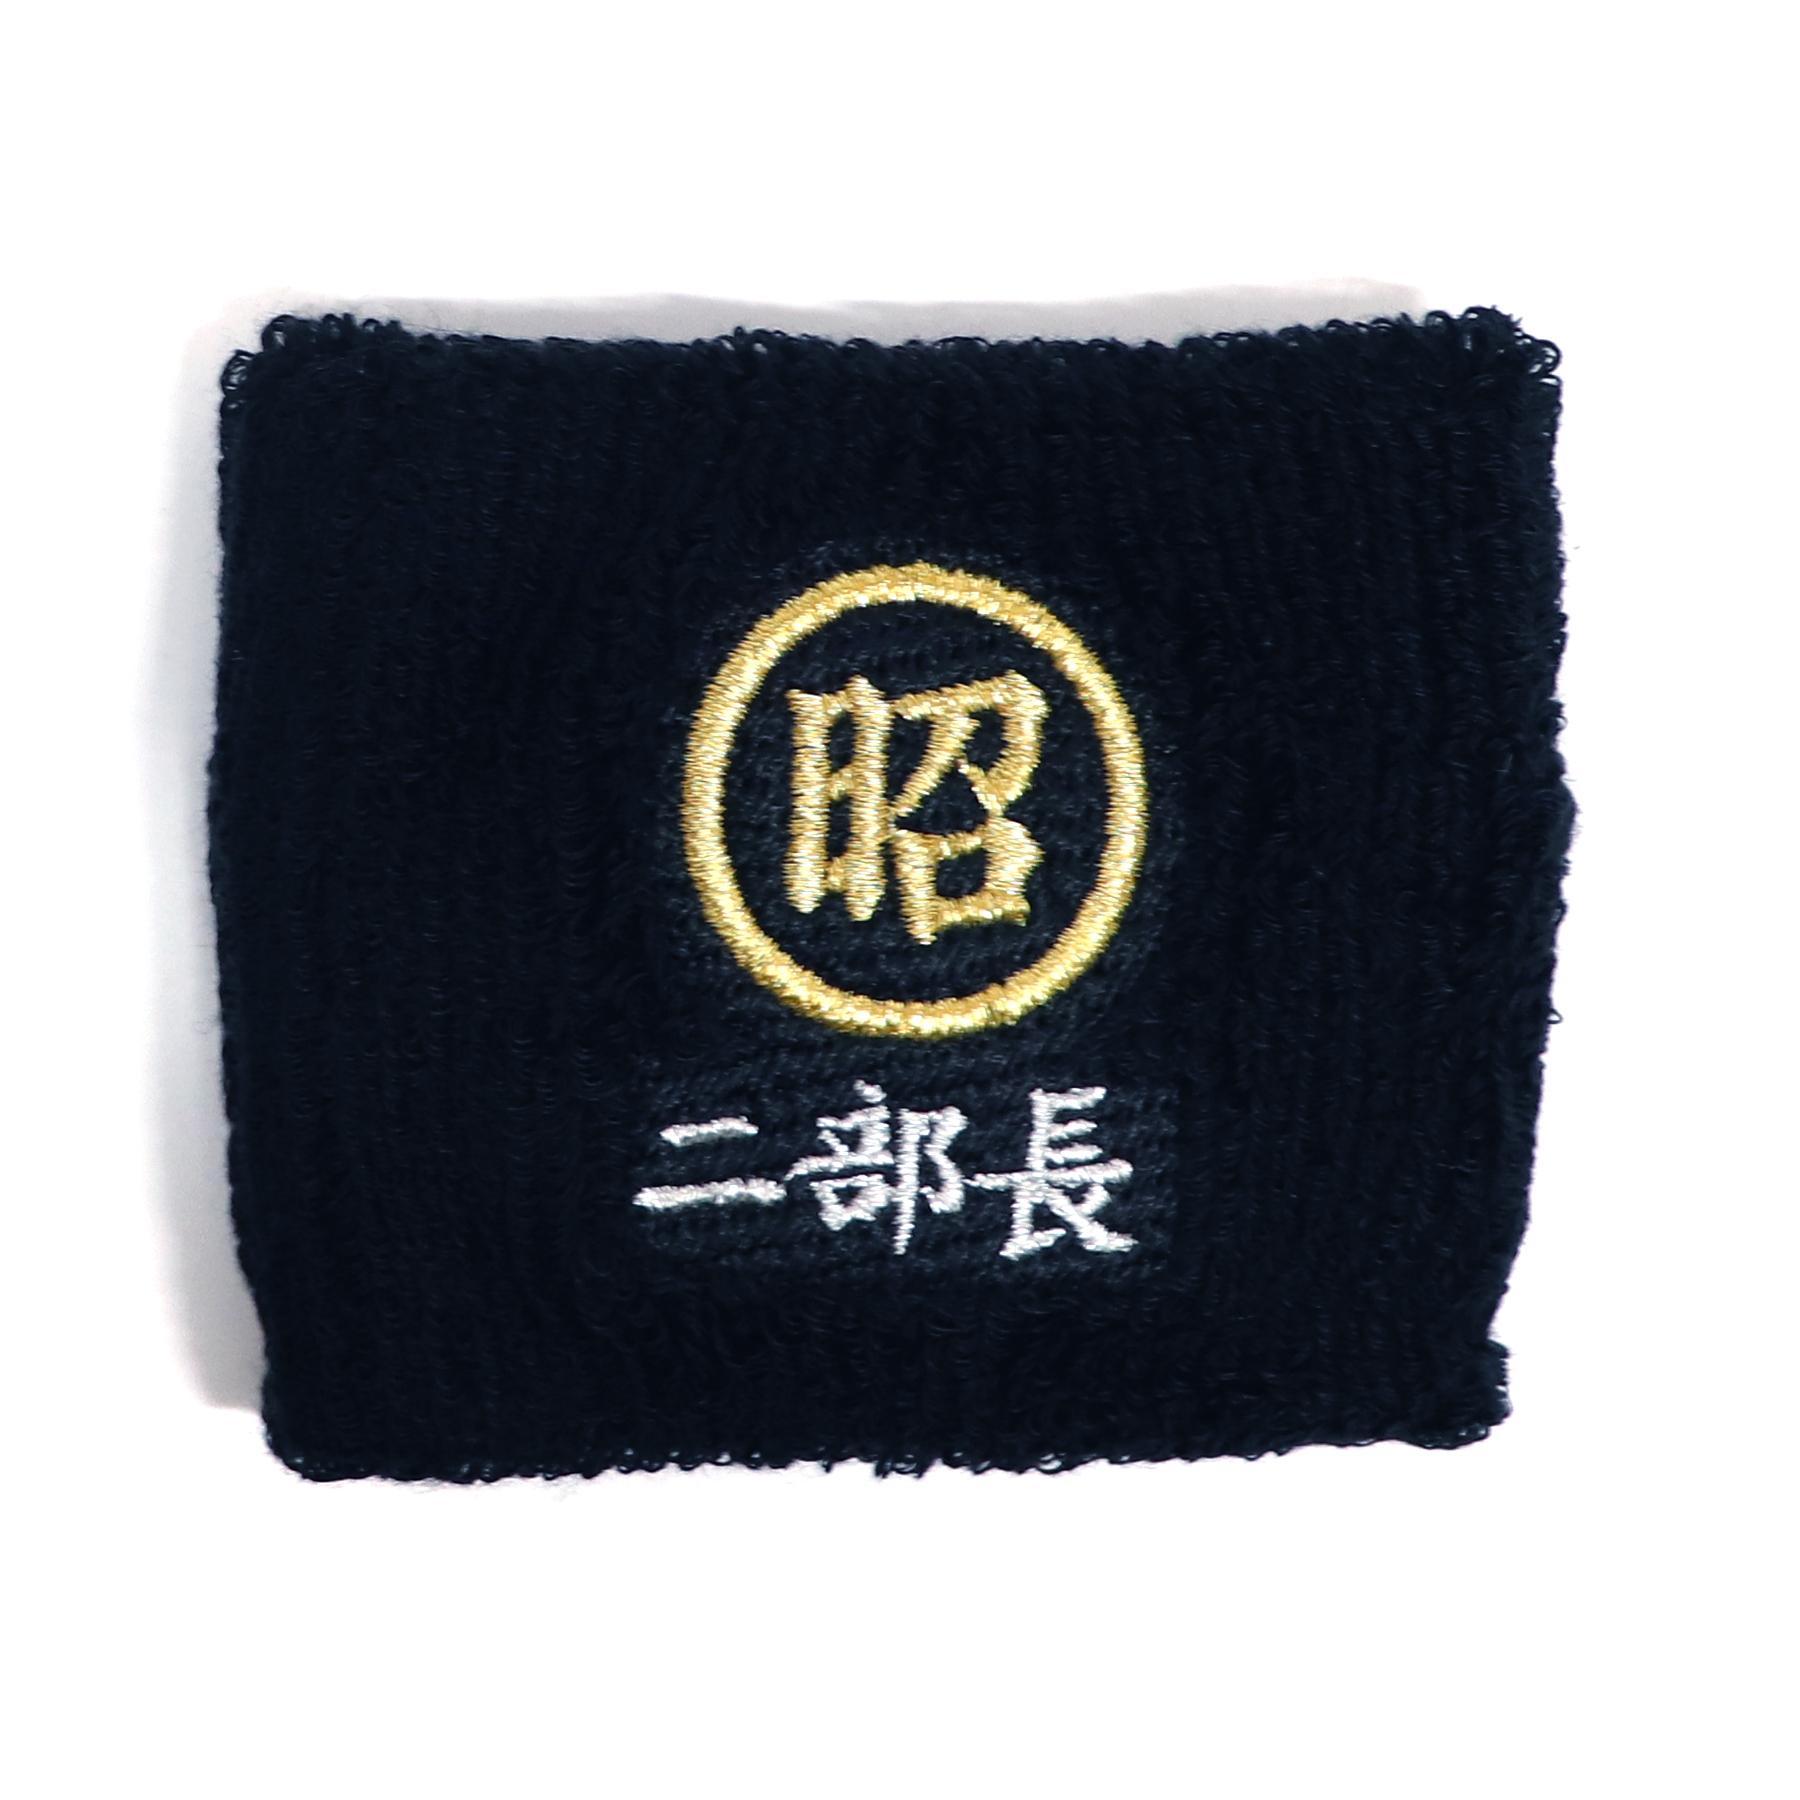 【17351】チーム刺繍/M1-2 黒/Fサイズ